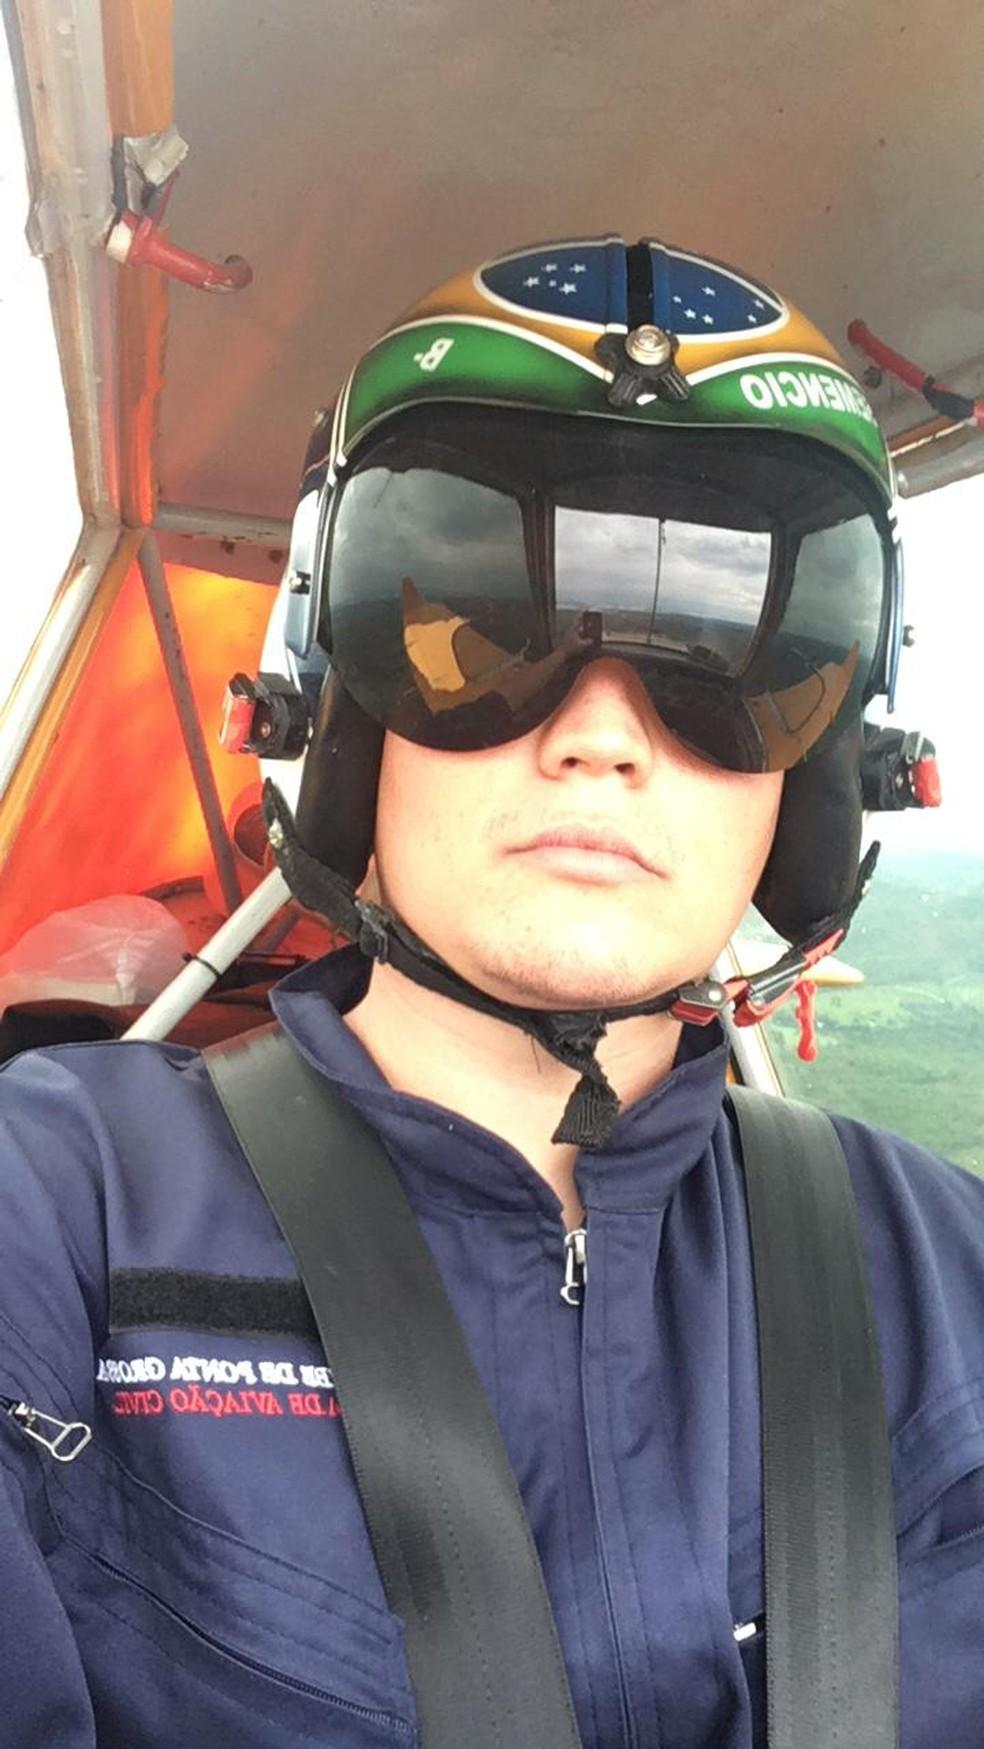 Última foto que o piloto Maicon Semencio Esteves mandou para a família antes do acidente — Foto: Arquivo pessoal